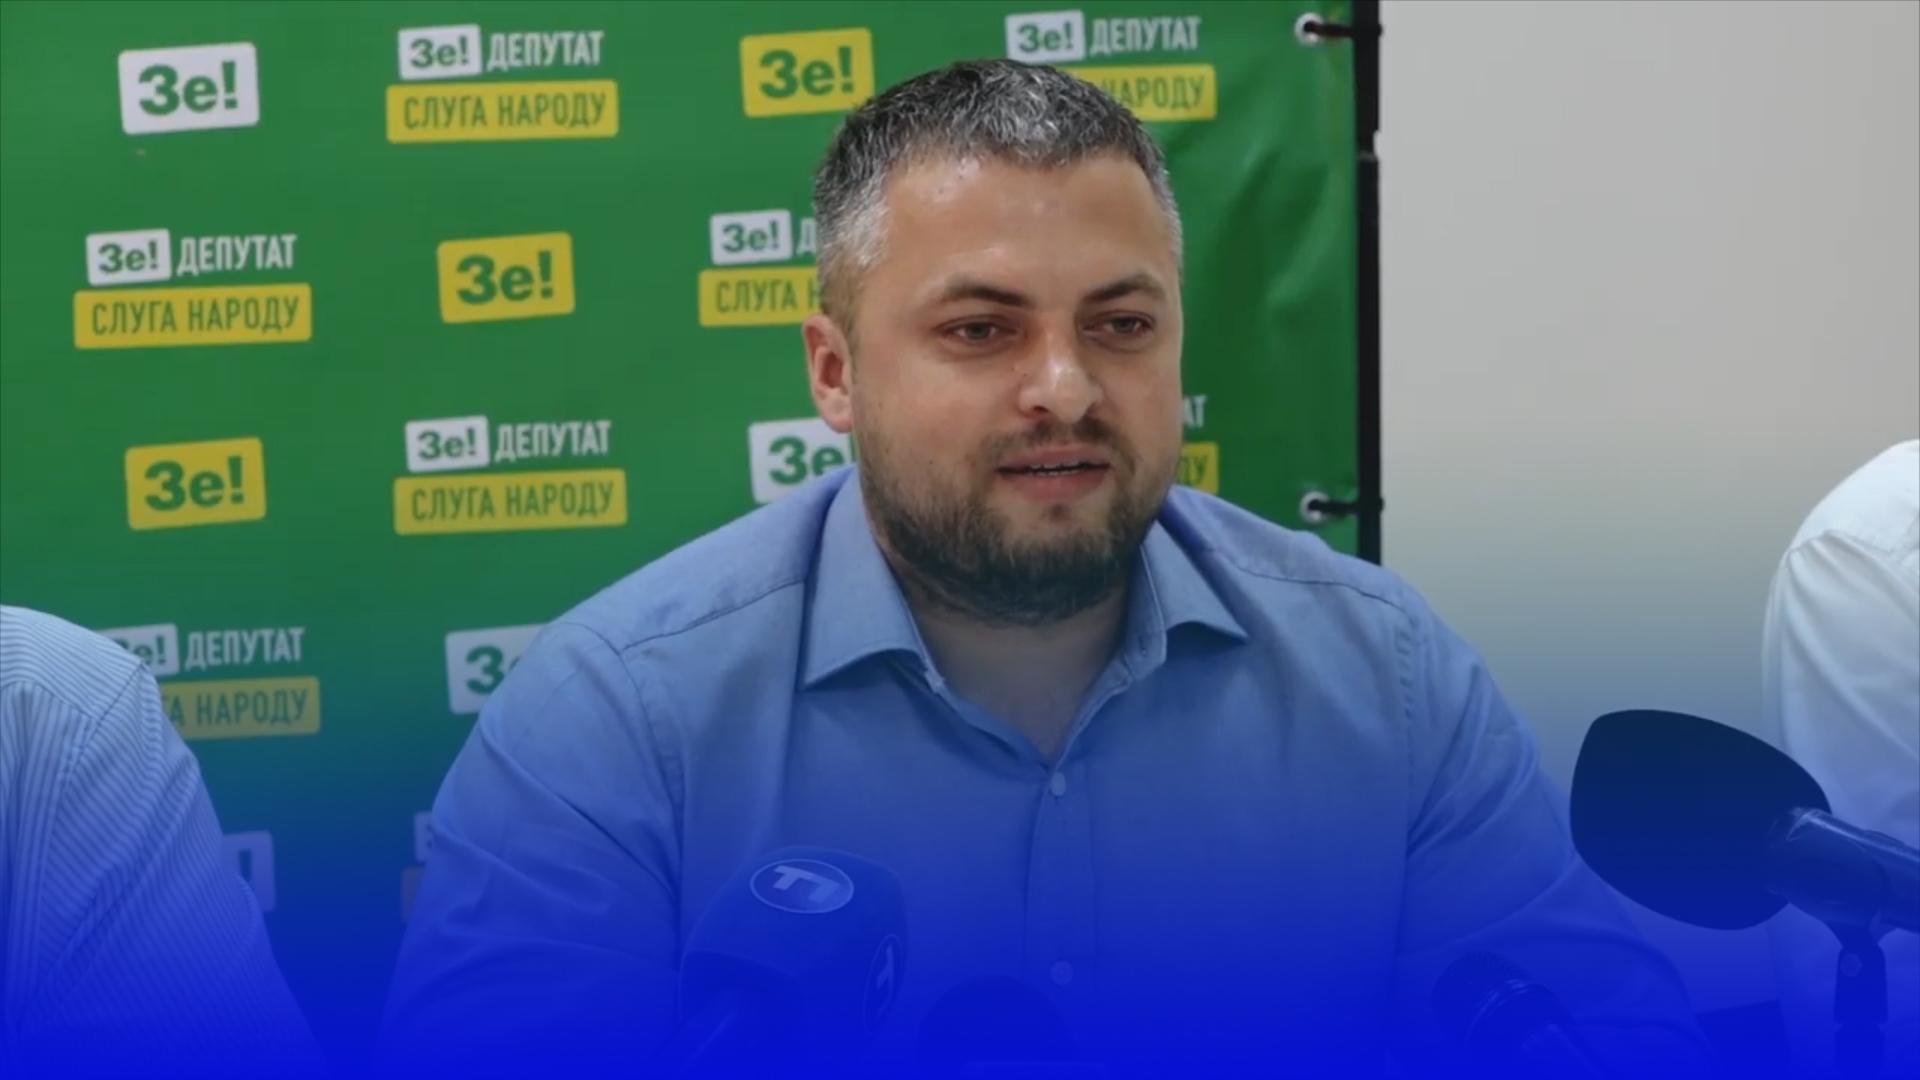 Декларації народних депутатів з Тернопільщини: Андрій Богданець має понад мільйон гривень готівки